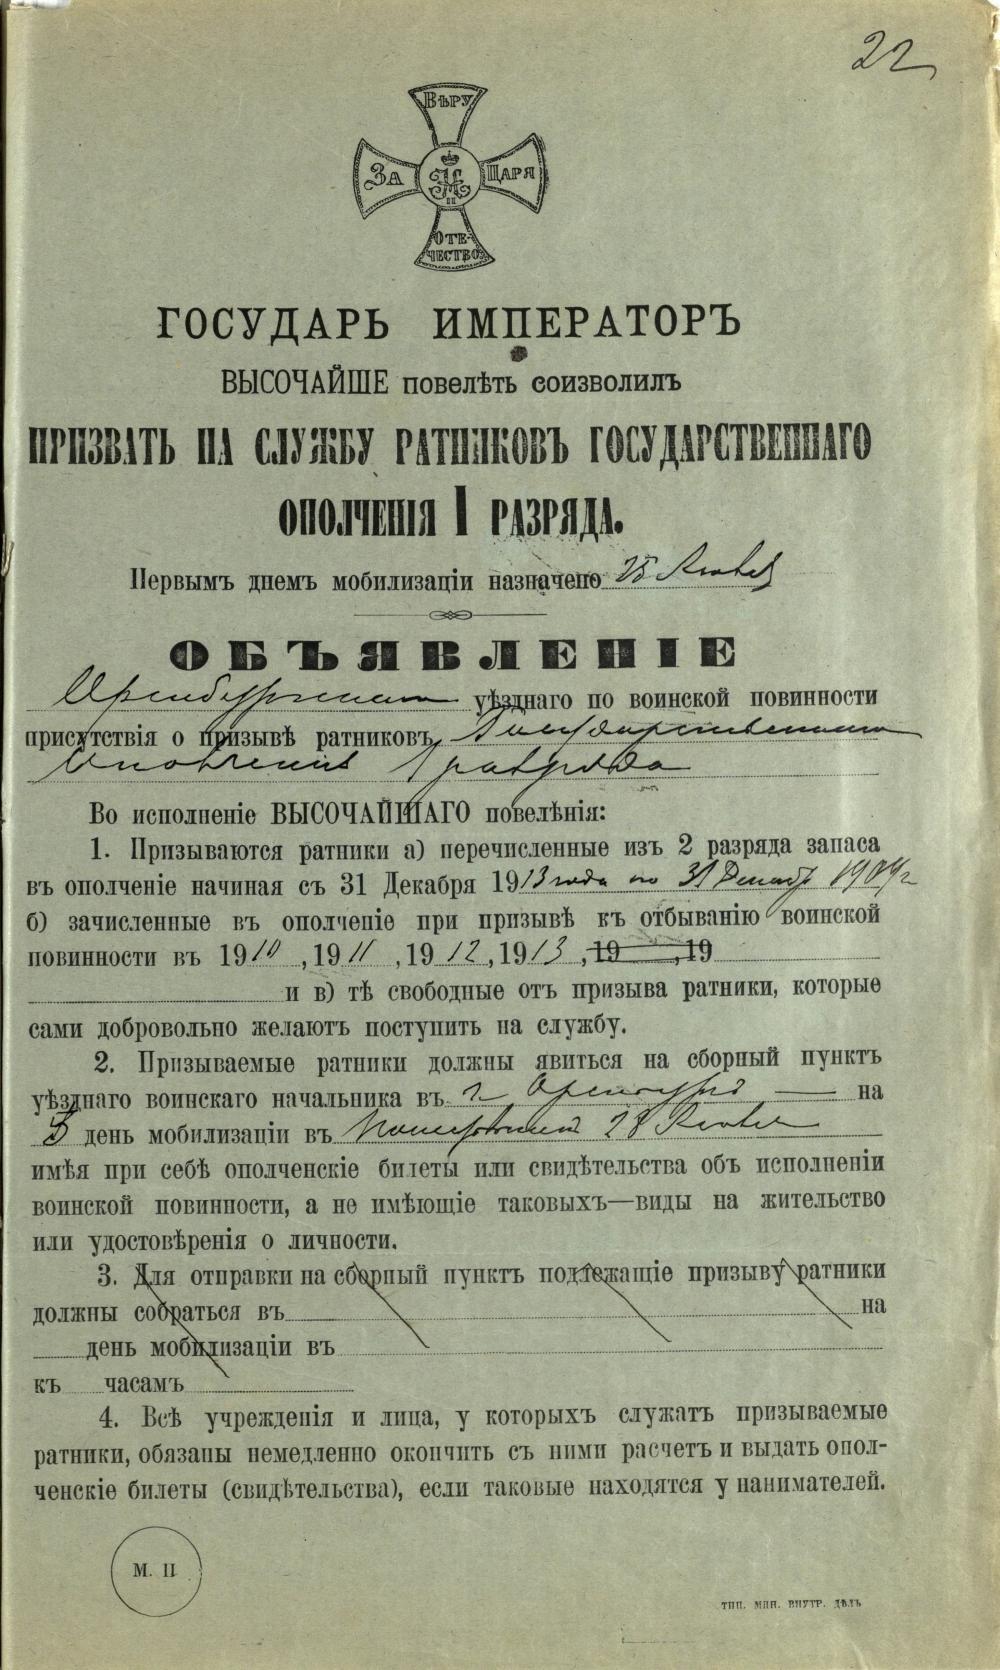 За годы Первой мировой войны из Оренбургской губернии в действующую армию были призваны 162 тысячи человек.